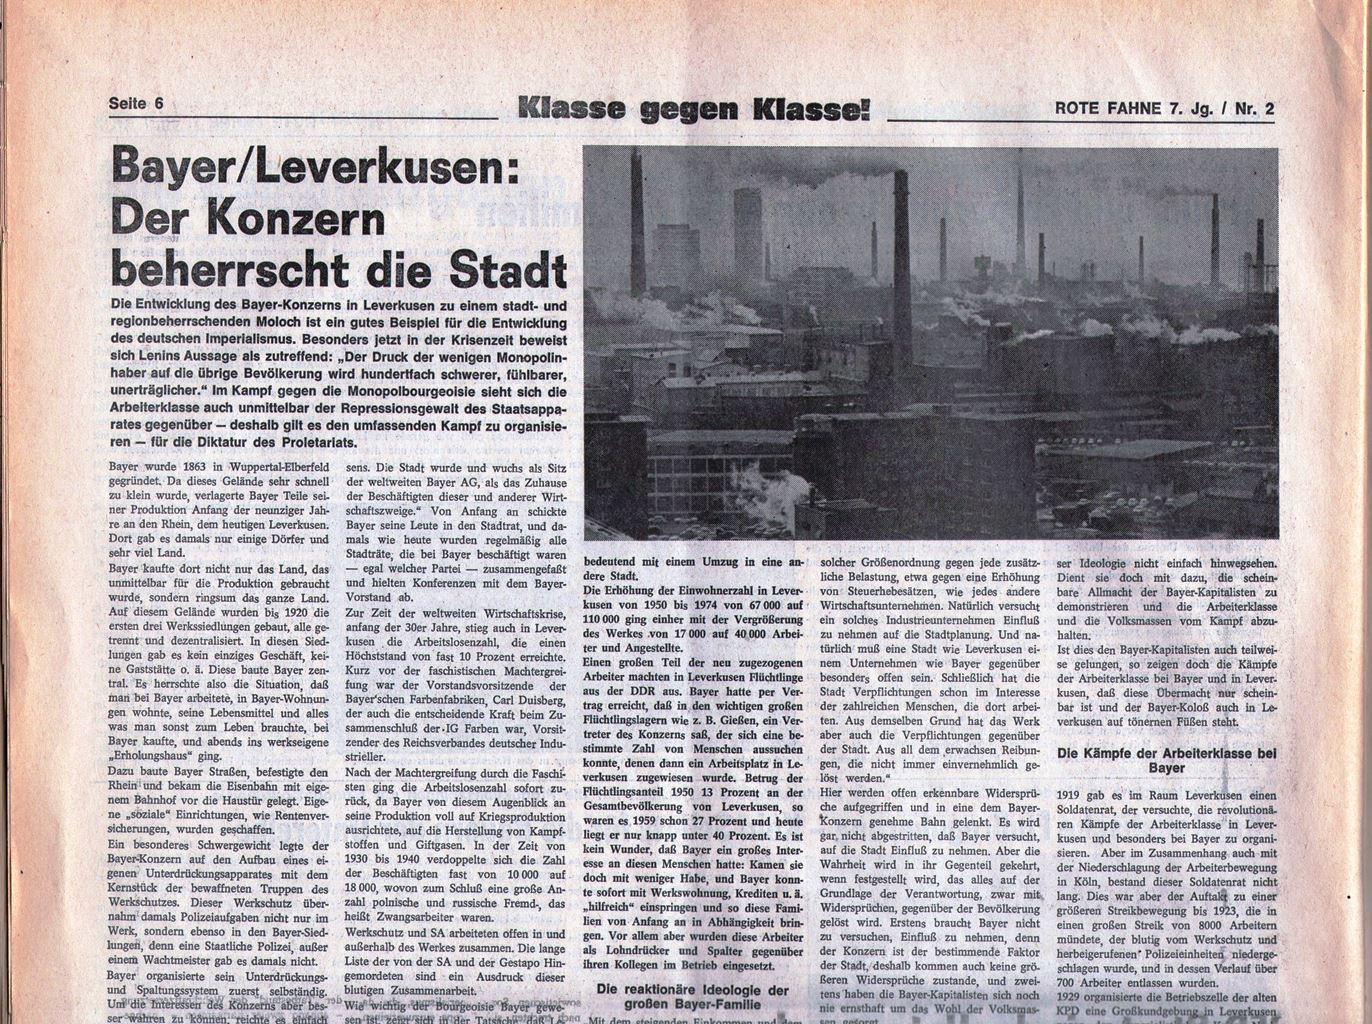 KPD_Rote_Fahne_1976_02_11